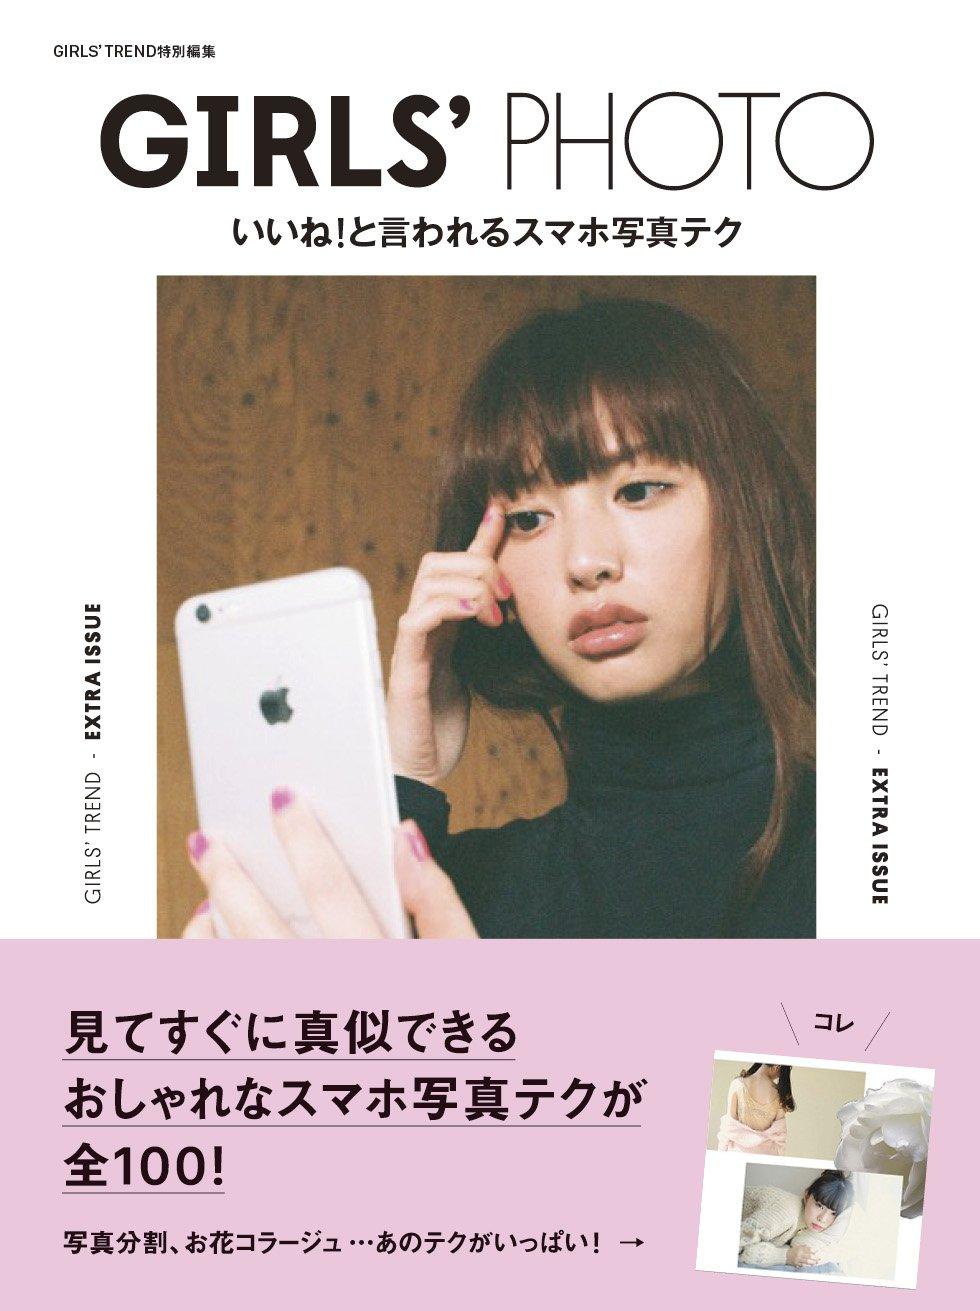 スマホ写真テクが満載の本『GIRLS' PHOTO 』も発売!